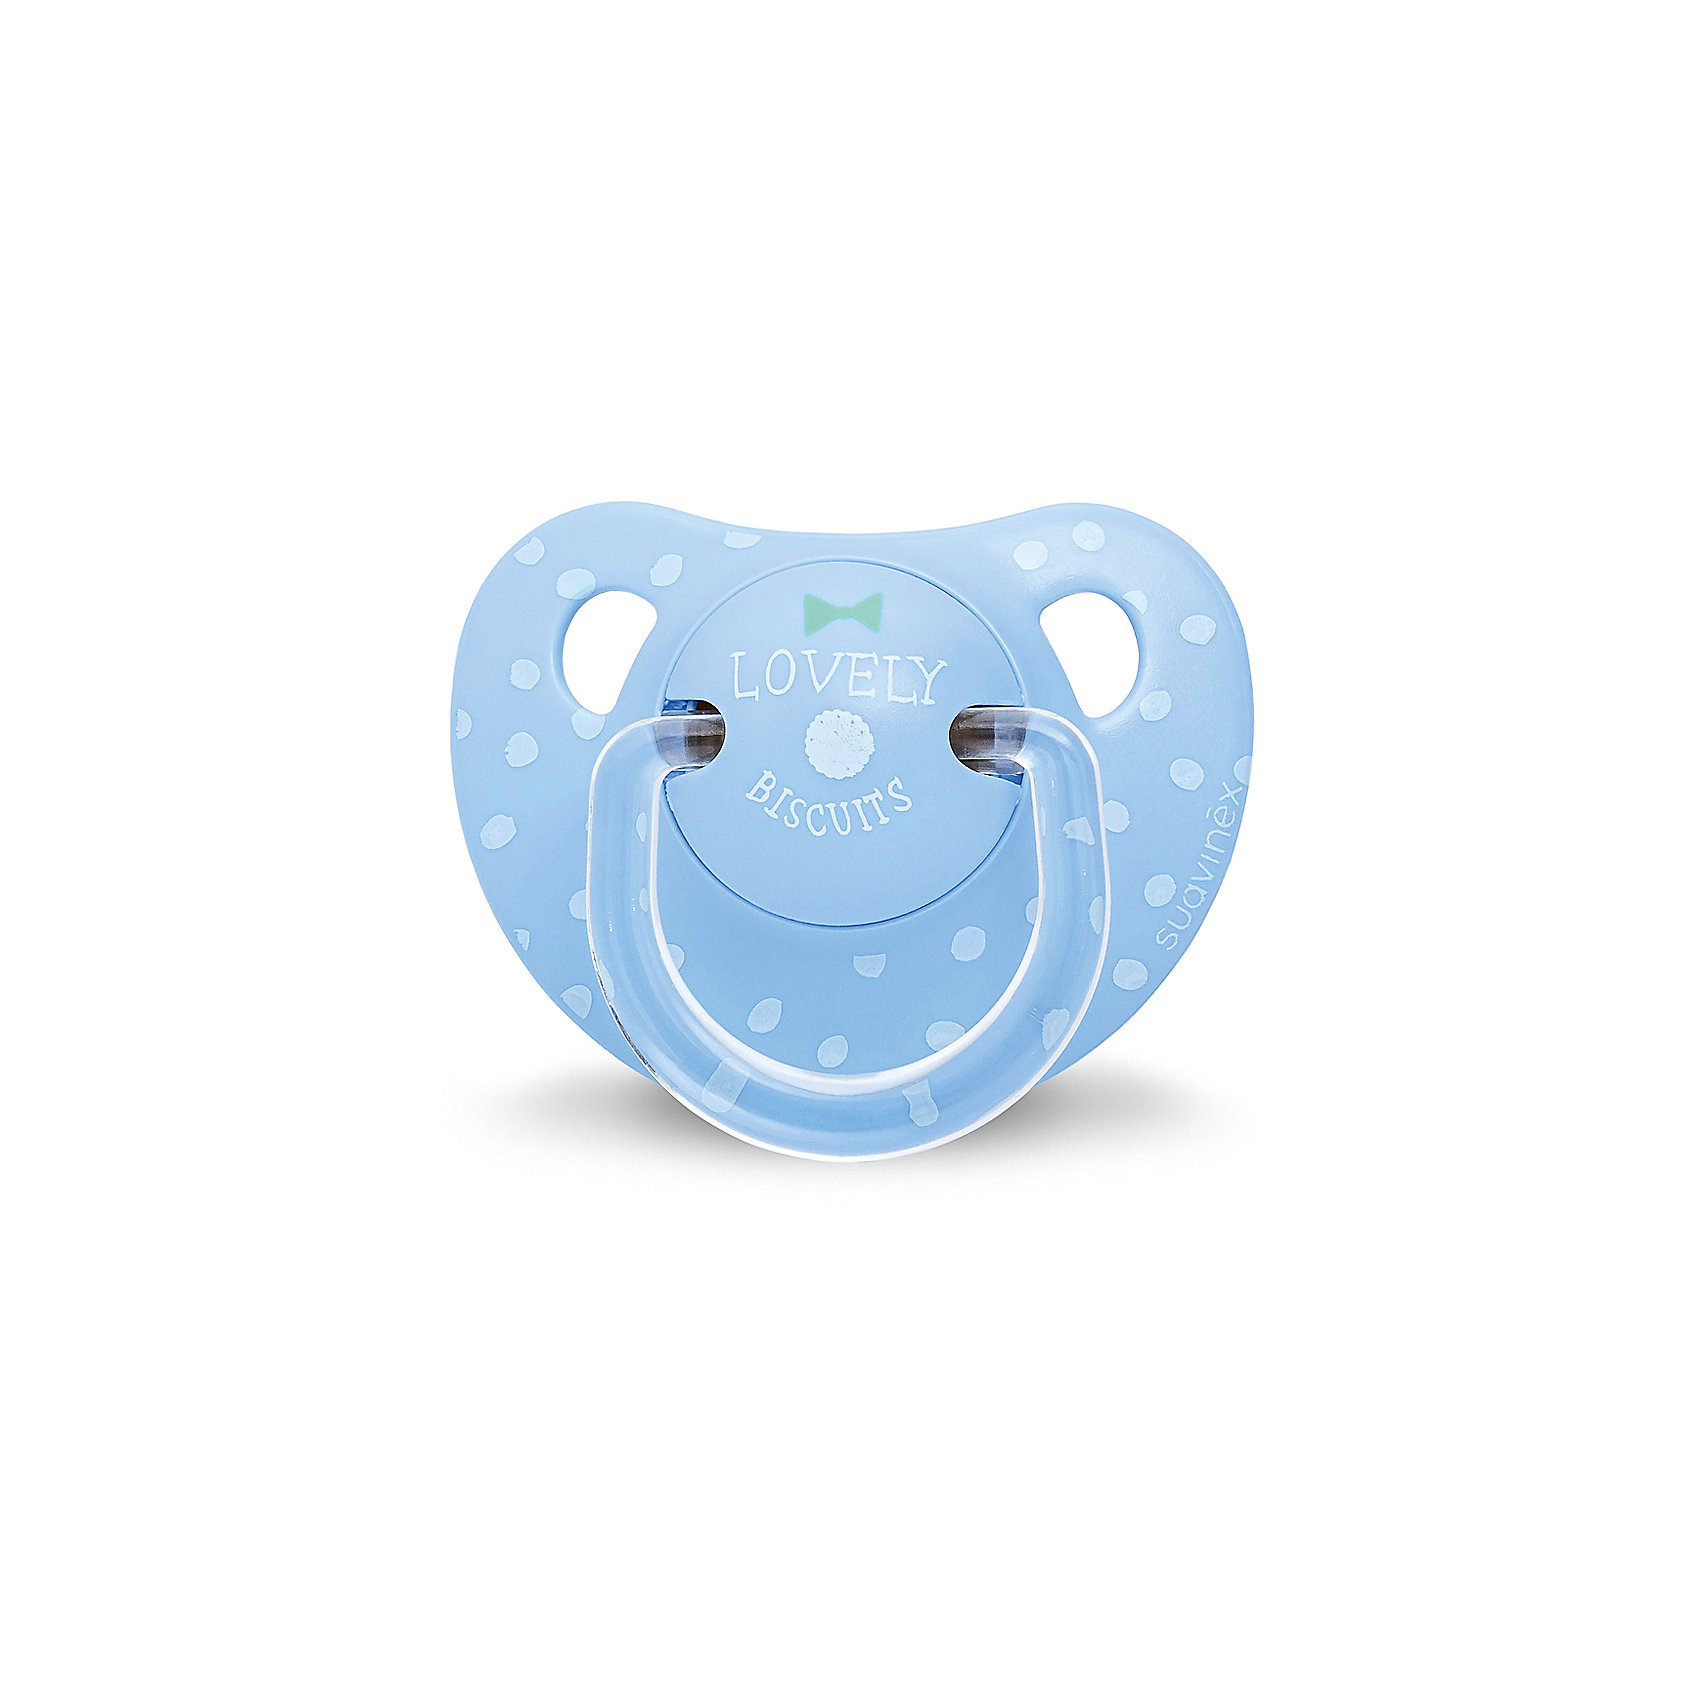 Пустышка силиконовая, от 6 мес, Suavinex, синий крапинкаХарактеристики:<br><br>• Наименование: пустышка<br>• Рекомендуемый возраст: от 6 месяцев<br>• Пол: для мальчика<br>• Материал: силикон, пластик<br>• Цвет: синий, голубой<br>• Рисунок: горошинки<br>• Форма: анатомическая<br>• Наличие вентиляционных отверстий <br>• Кольцо для держателя<br>• Вес: 27 г<br>• Параметры (Д*Ш*В): 5,4*6,5*10,9 см <br>• Особенности ухода: можно мыть в теплой воде, регулярная стерилизация <br><br>Пустышка силиконовая от 6 мес, Suavinex, синий крапинка изготовлена испанским торговым брендом, специализирующимся на выпуске товаров для кормления и аксессуаров новорожденным и младенцам. Продукция от Suavinex разработана с учетом рекомендаций педиатров и стоматологов, что гарантирует качество и безопасность использованных материалов. <br><br>Пластик, из которого изготовлено изделие, устойчив к появлению царапин и сколов, благодаря чему пустышка длительное время сохраняет свои гигиенические свойства. Форма у соски способствует равномерному распределению давления на небо, что обеспечивает правильное формирование речевого аппарата. <br><br>Пустышка имеет анатомическую форму, для прикрепления держателя предусмотрено кольцо. Изделие выполнено в брендовом дизайне, с изображением горошинок. Рисунок нанесен по инновационной технологии, которая обеспечивает его стойкость даже при длительном использовании и частой стерилизации.<br><br>Пустышку силиконовая от 6 мес, Suavinex, синий крапинка можно купить в нашем интернет-магазине.<br><br>Ширина мм: 54<br>Глубина мм: 65<br>Высота мм: 109<br>Вес г: 27<br>Возраст от месяцев: 6<br>Возраст до месяцев: 24<br>Пол: Мужской<br>Возраст: Детский<br>SKU: 5451360